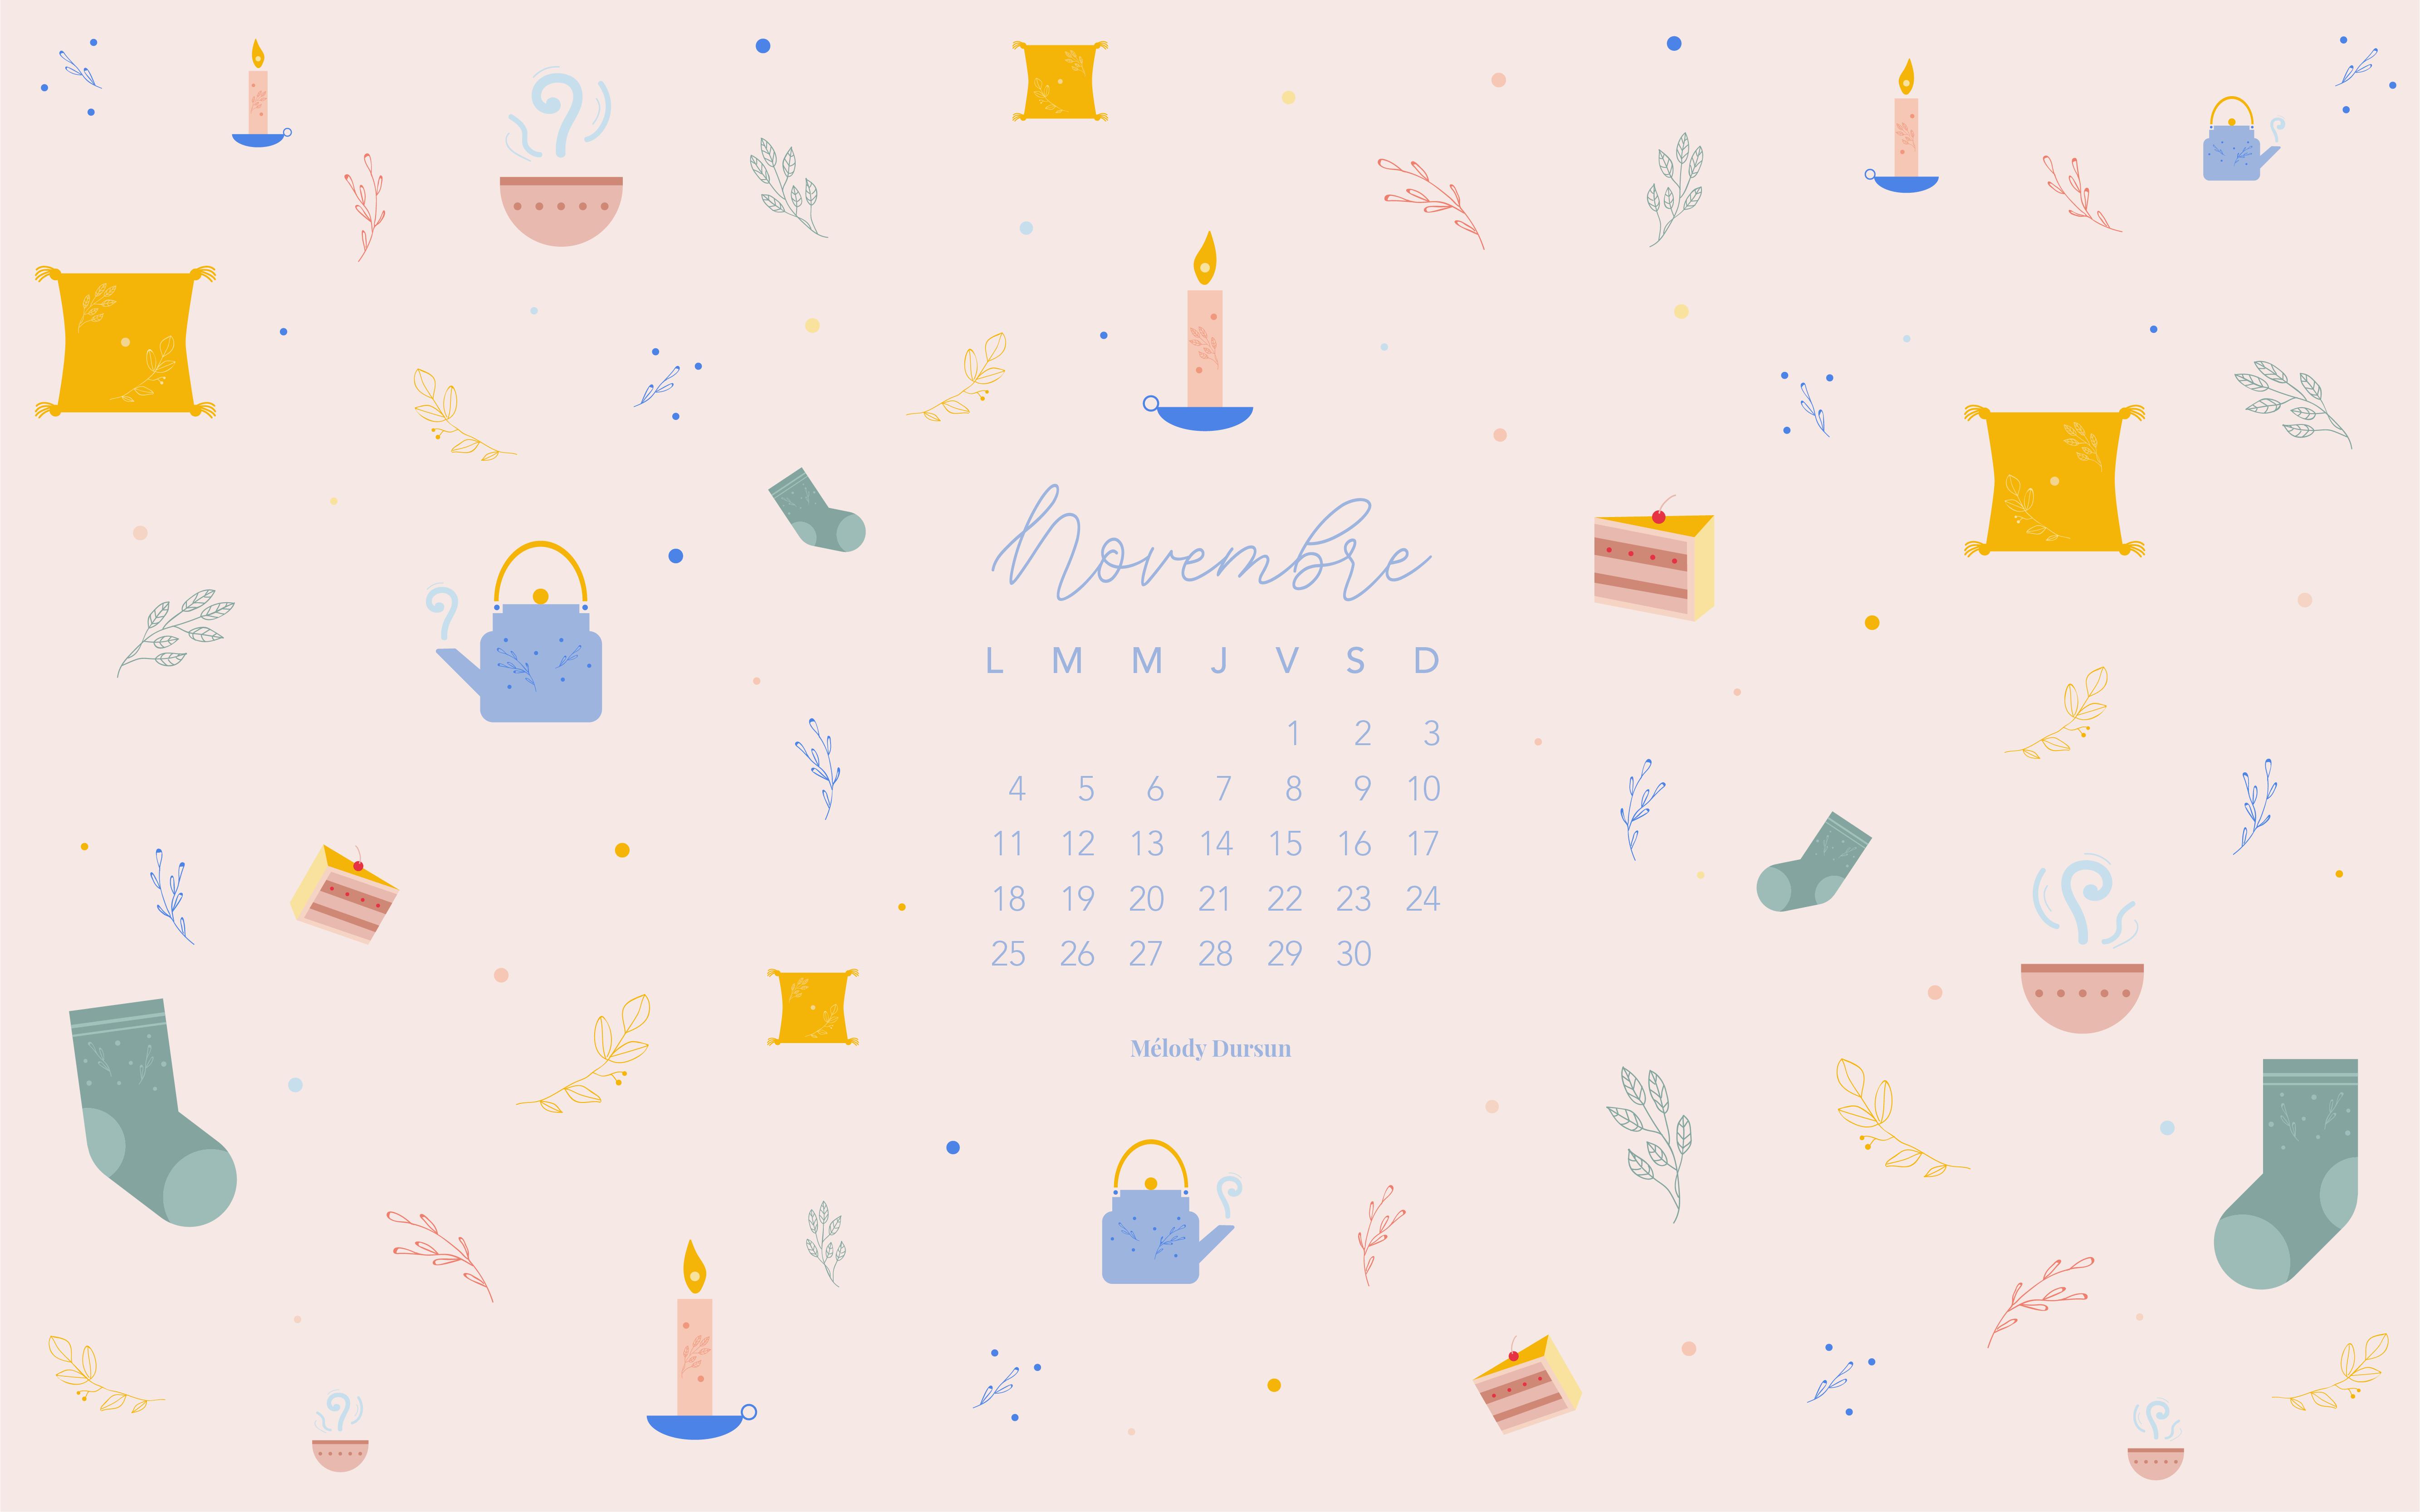 olecoeur-melodydursun-calendrier-novembre2019_Desktop